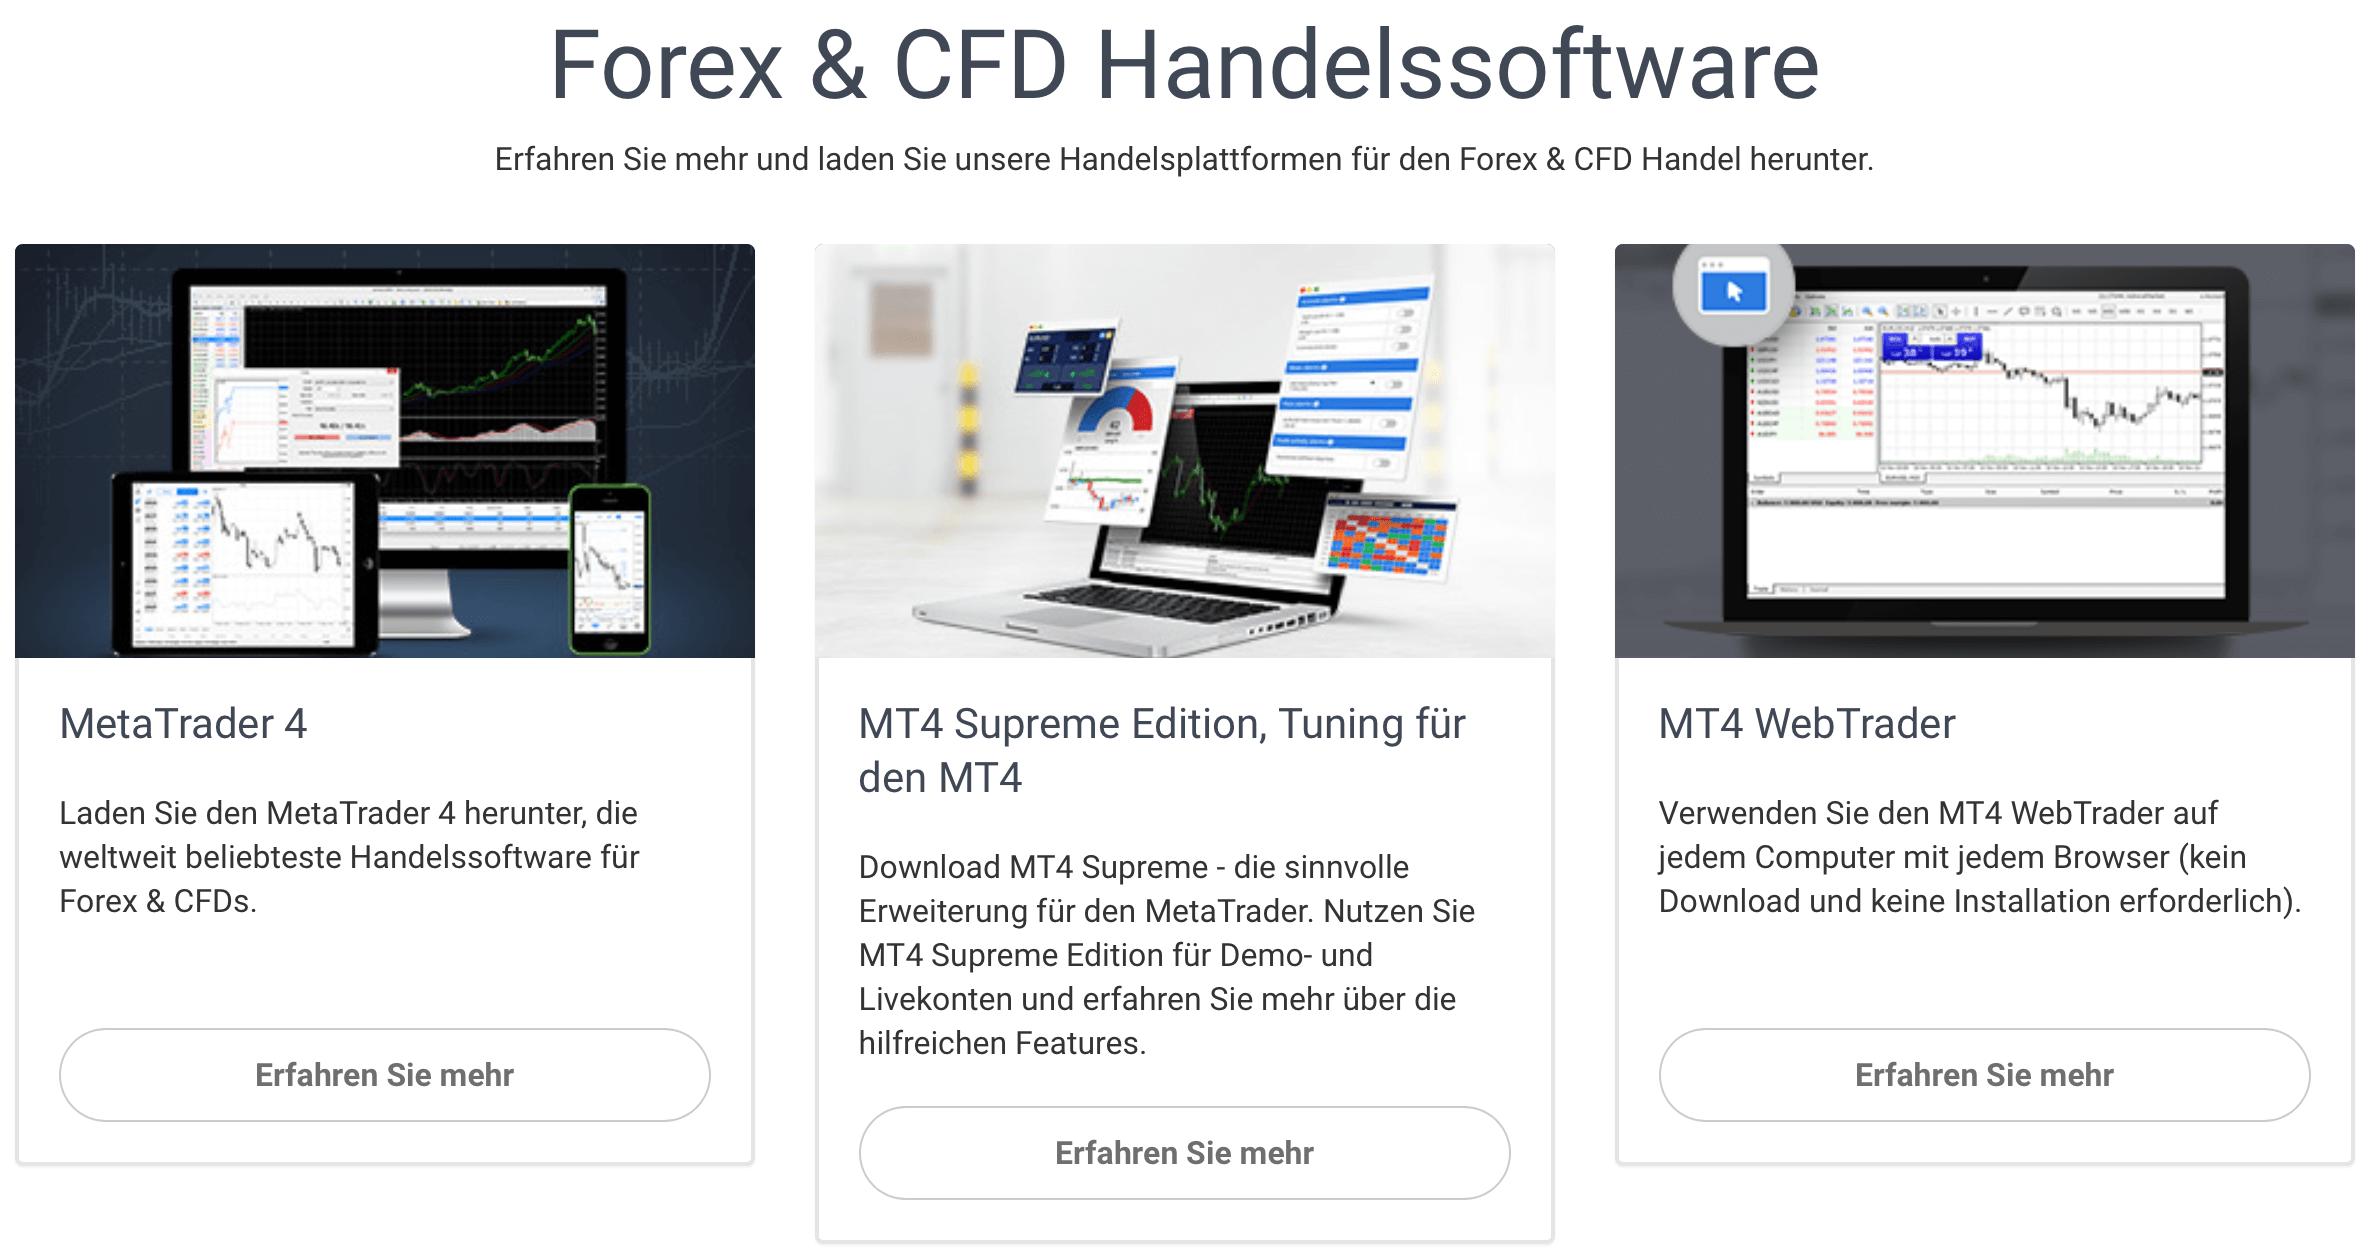 Forex & CFD Handelssoftware bei Admiral Markets